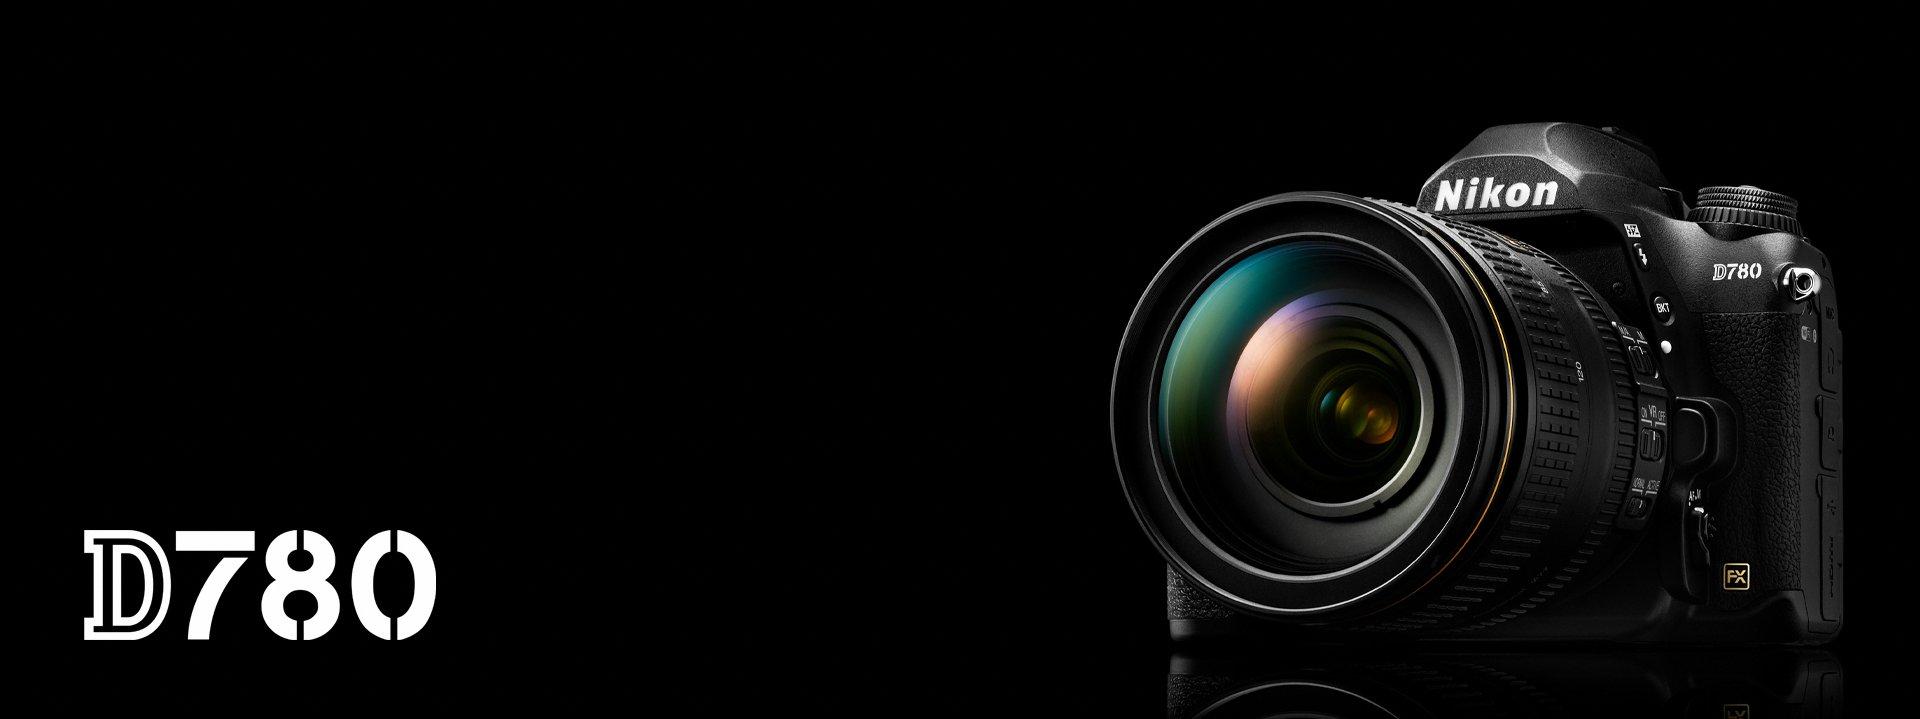 Immagine di presentazione della Nikon D780